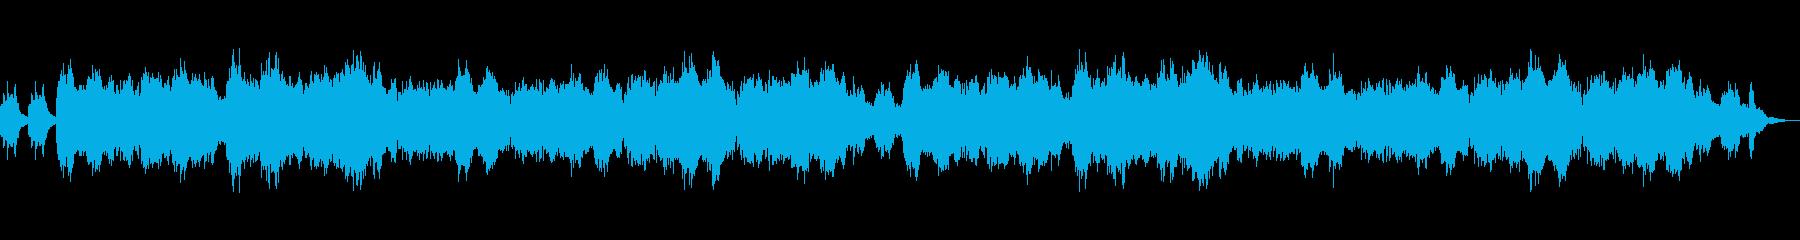 ハープ、木管、弦楽の静かな優しいBGMの再生済みの波形